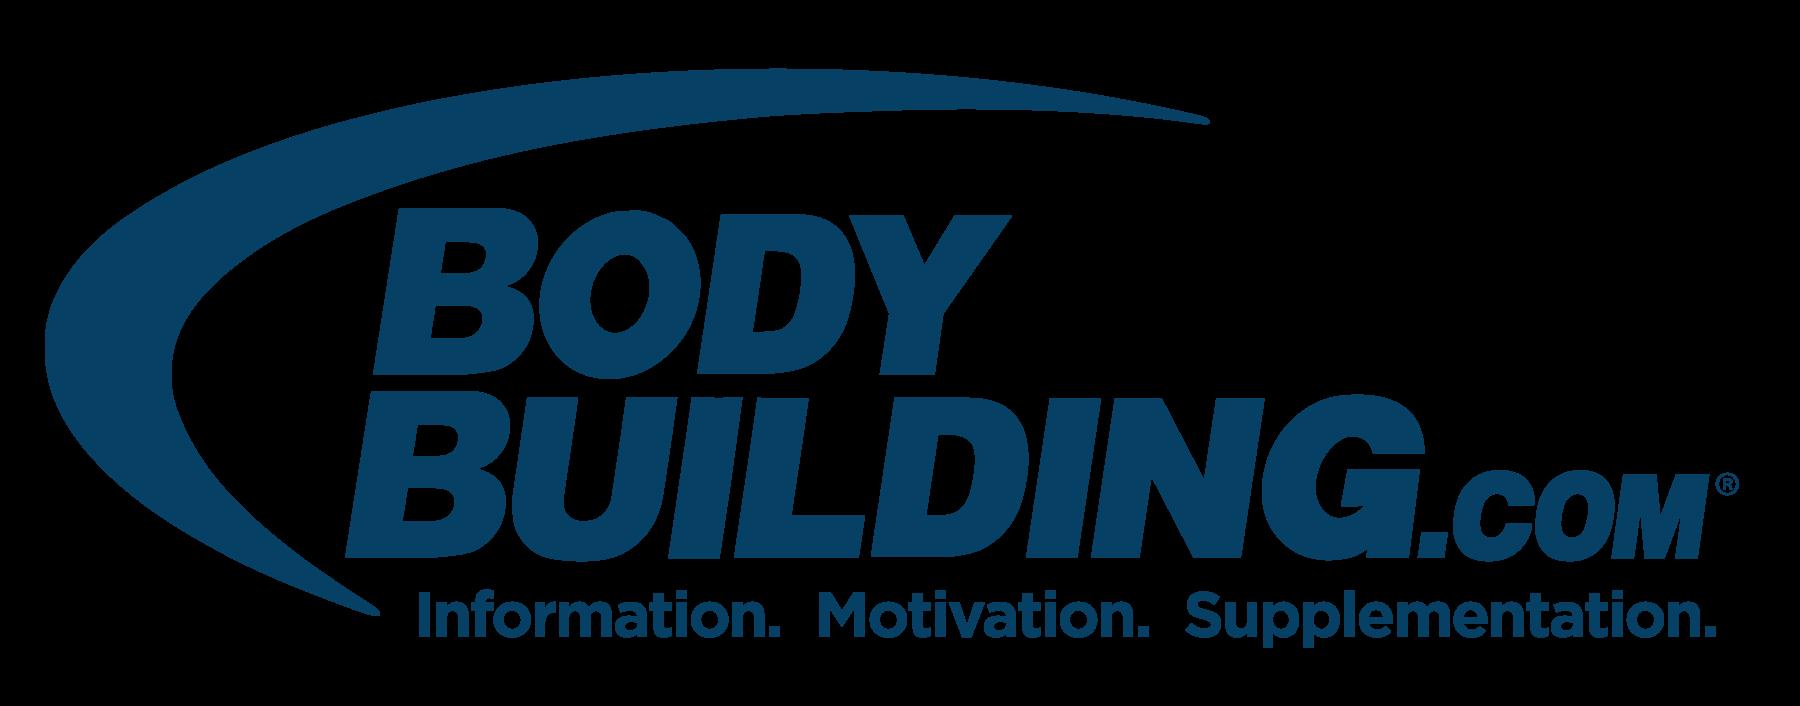 Image - Bodybuilding.com logo.png - Logopedia, the logo